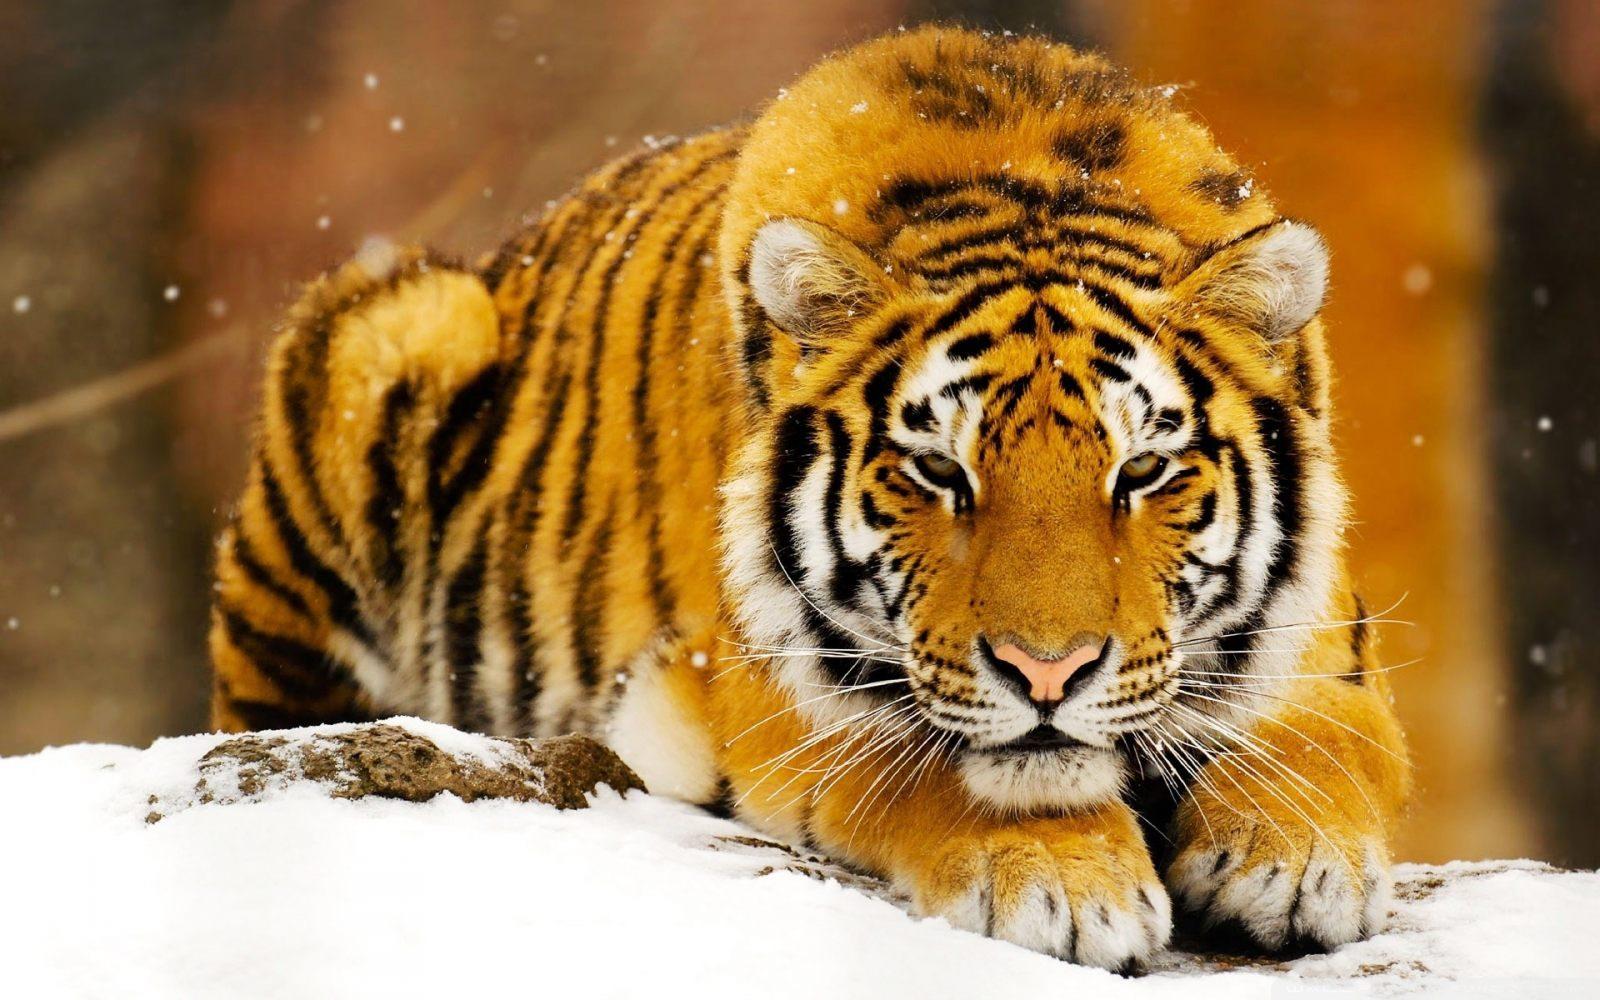 tigre de bengala - La región india de Madhya Pradesh elige a Interface Tourism Spain para su promoción turística en España